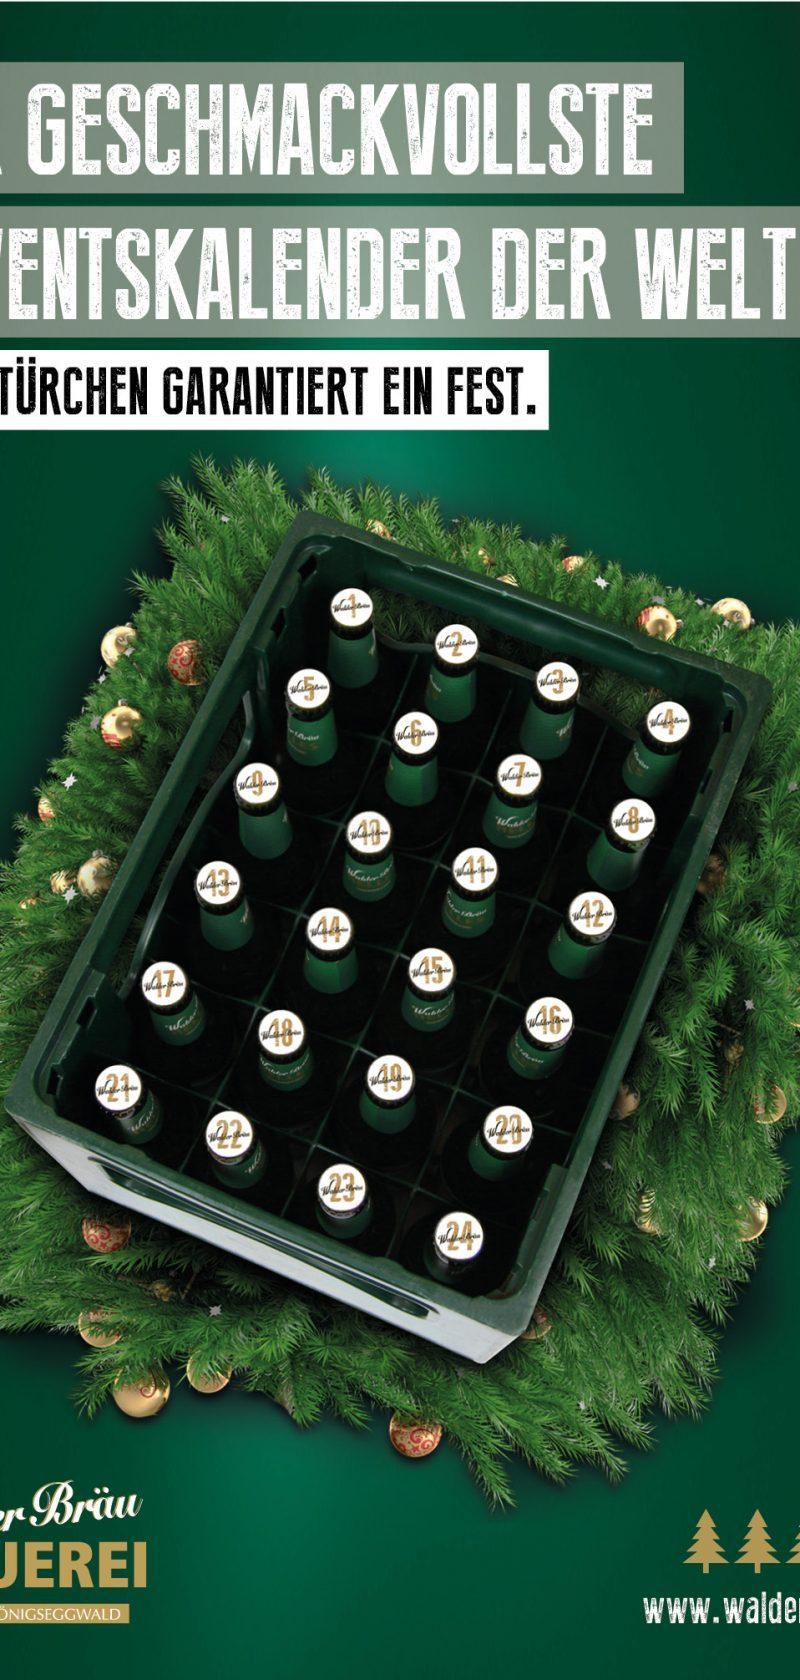 WalderBräu startet geschmackvoll in die Weihnachtszeit.